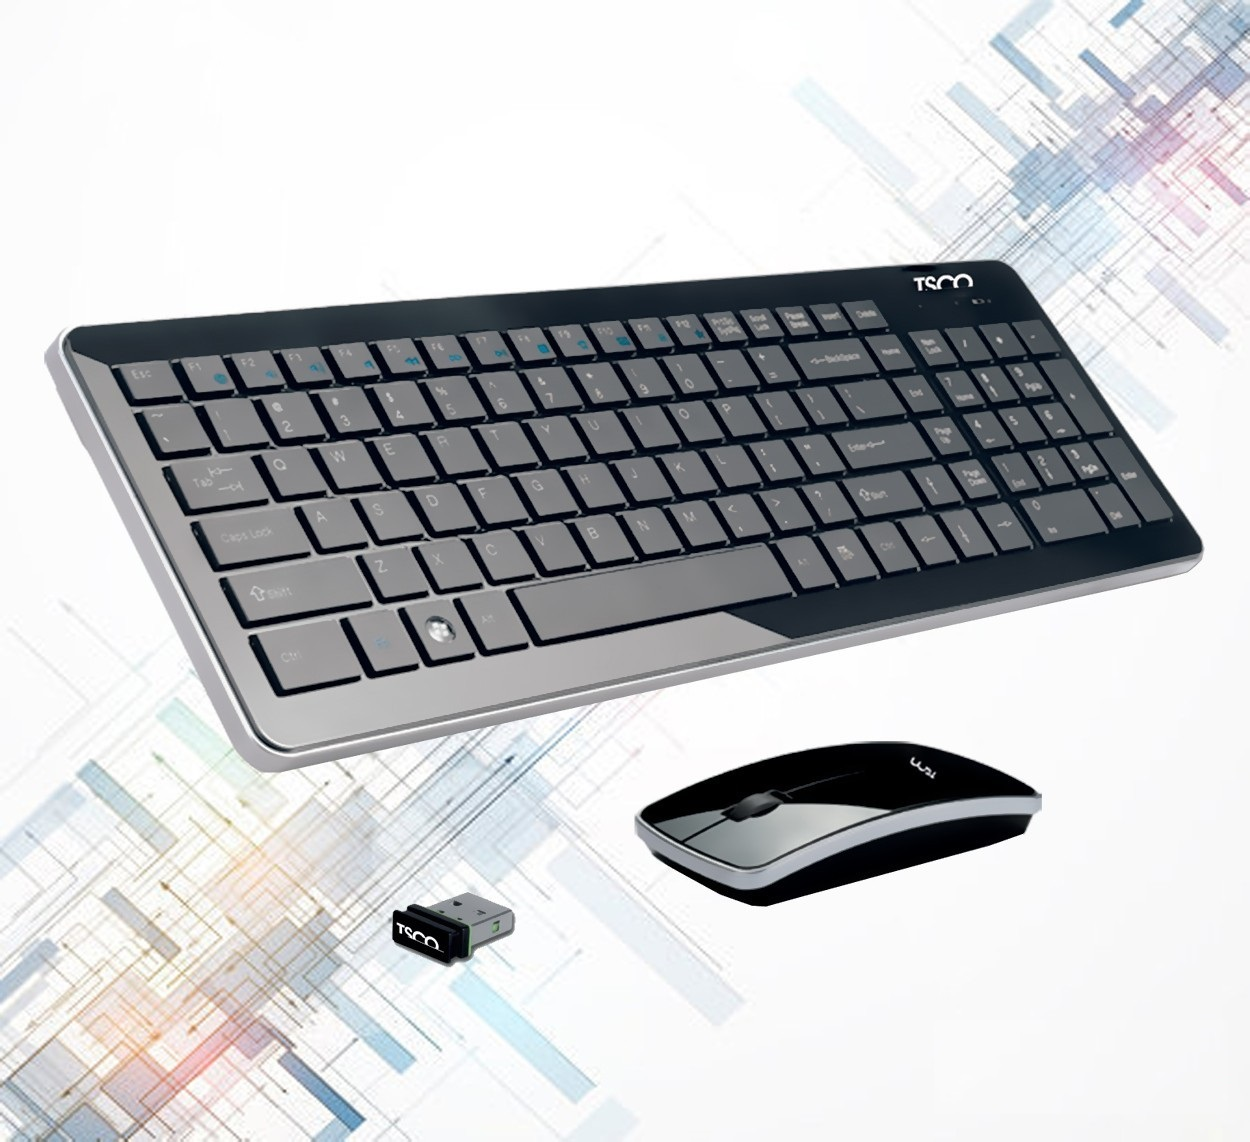 لوازم  ویبراتور قیمت خرید و فروش كيبورد + موس تسکو-TSCO TKM 7400w - فروشندگان